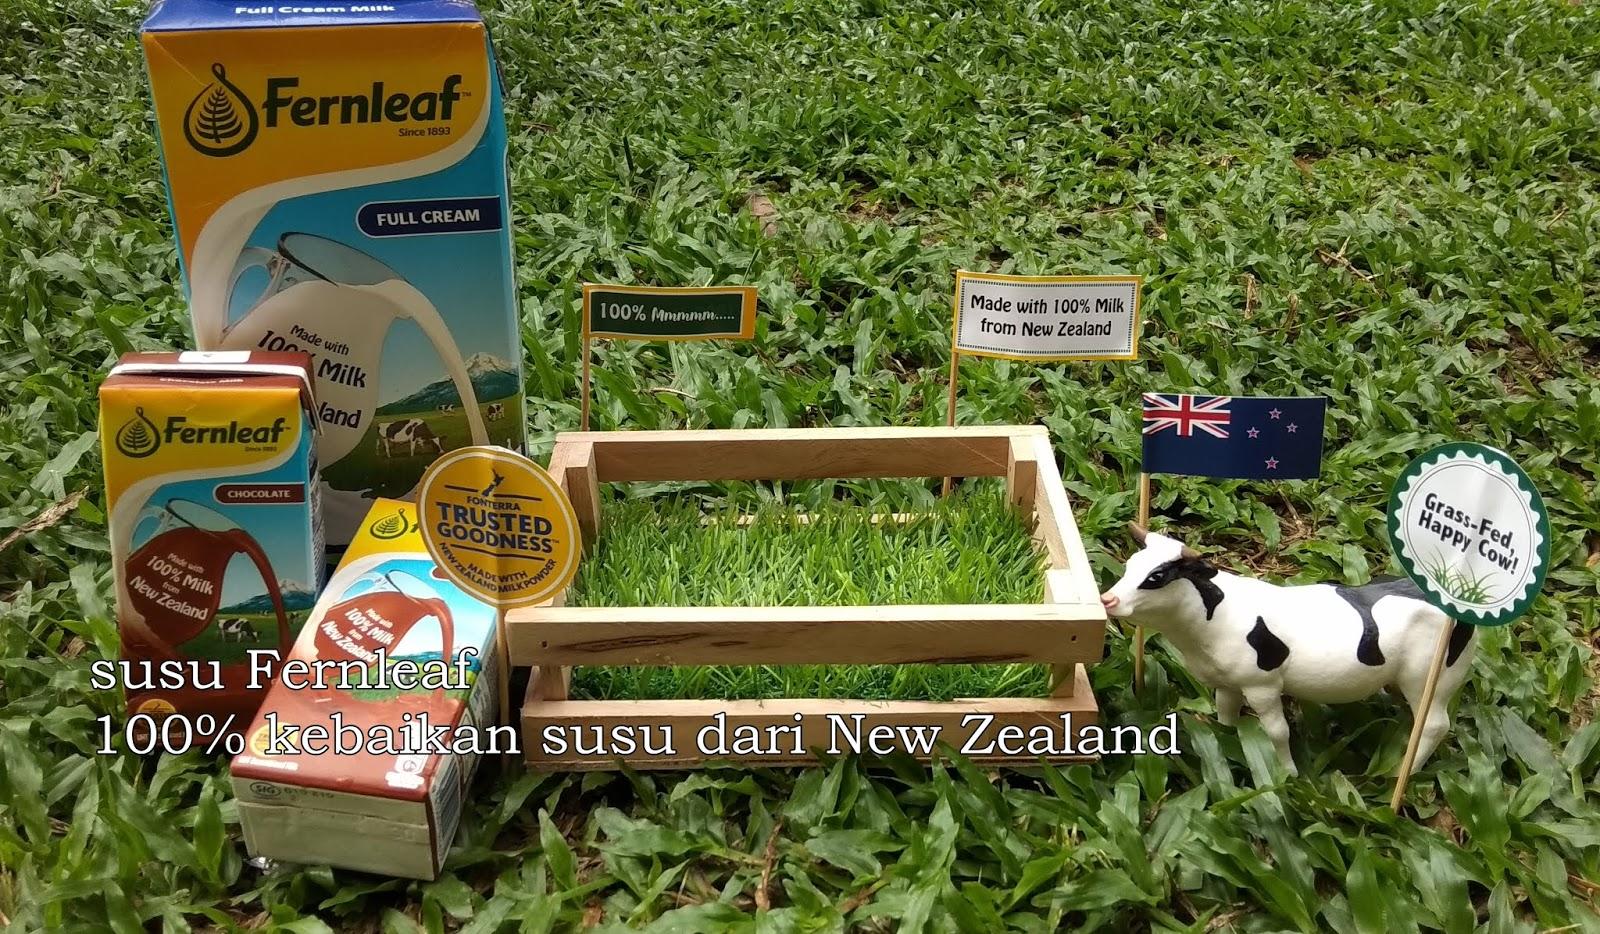 Susu Fernleaf UHT 100% Mmmmm Dari New Zealand Yang Sedapp Penuh Kebaikan